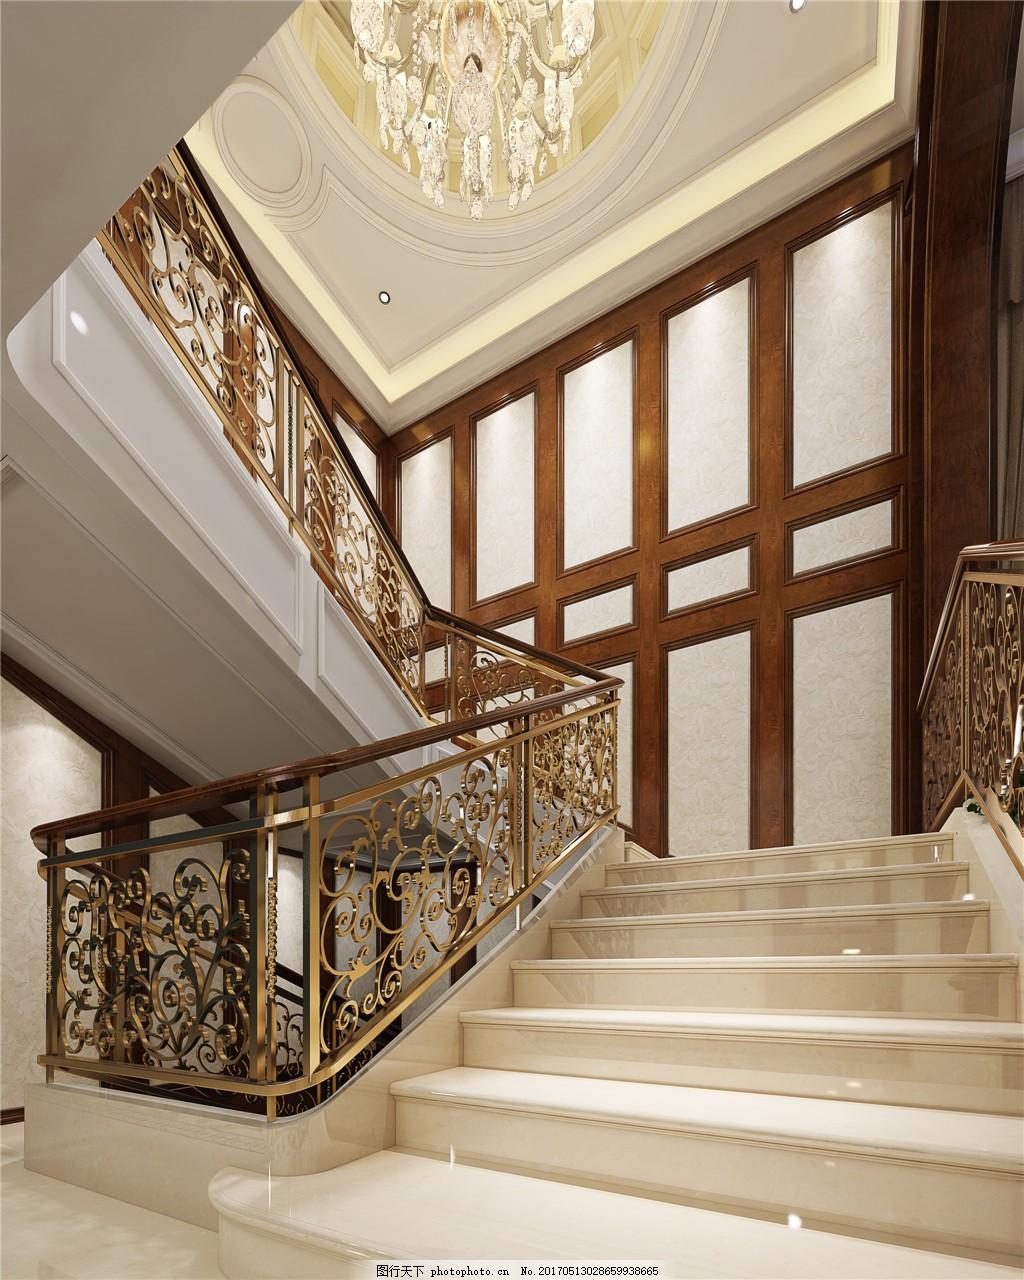 欧式豪华楼梯吊灯设计图